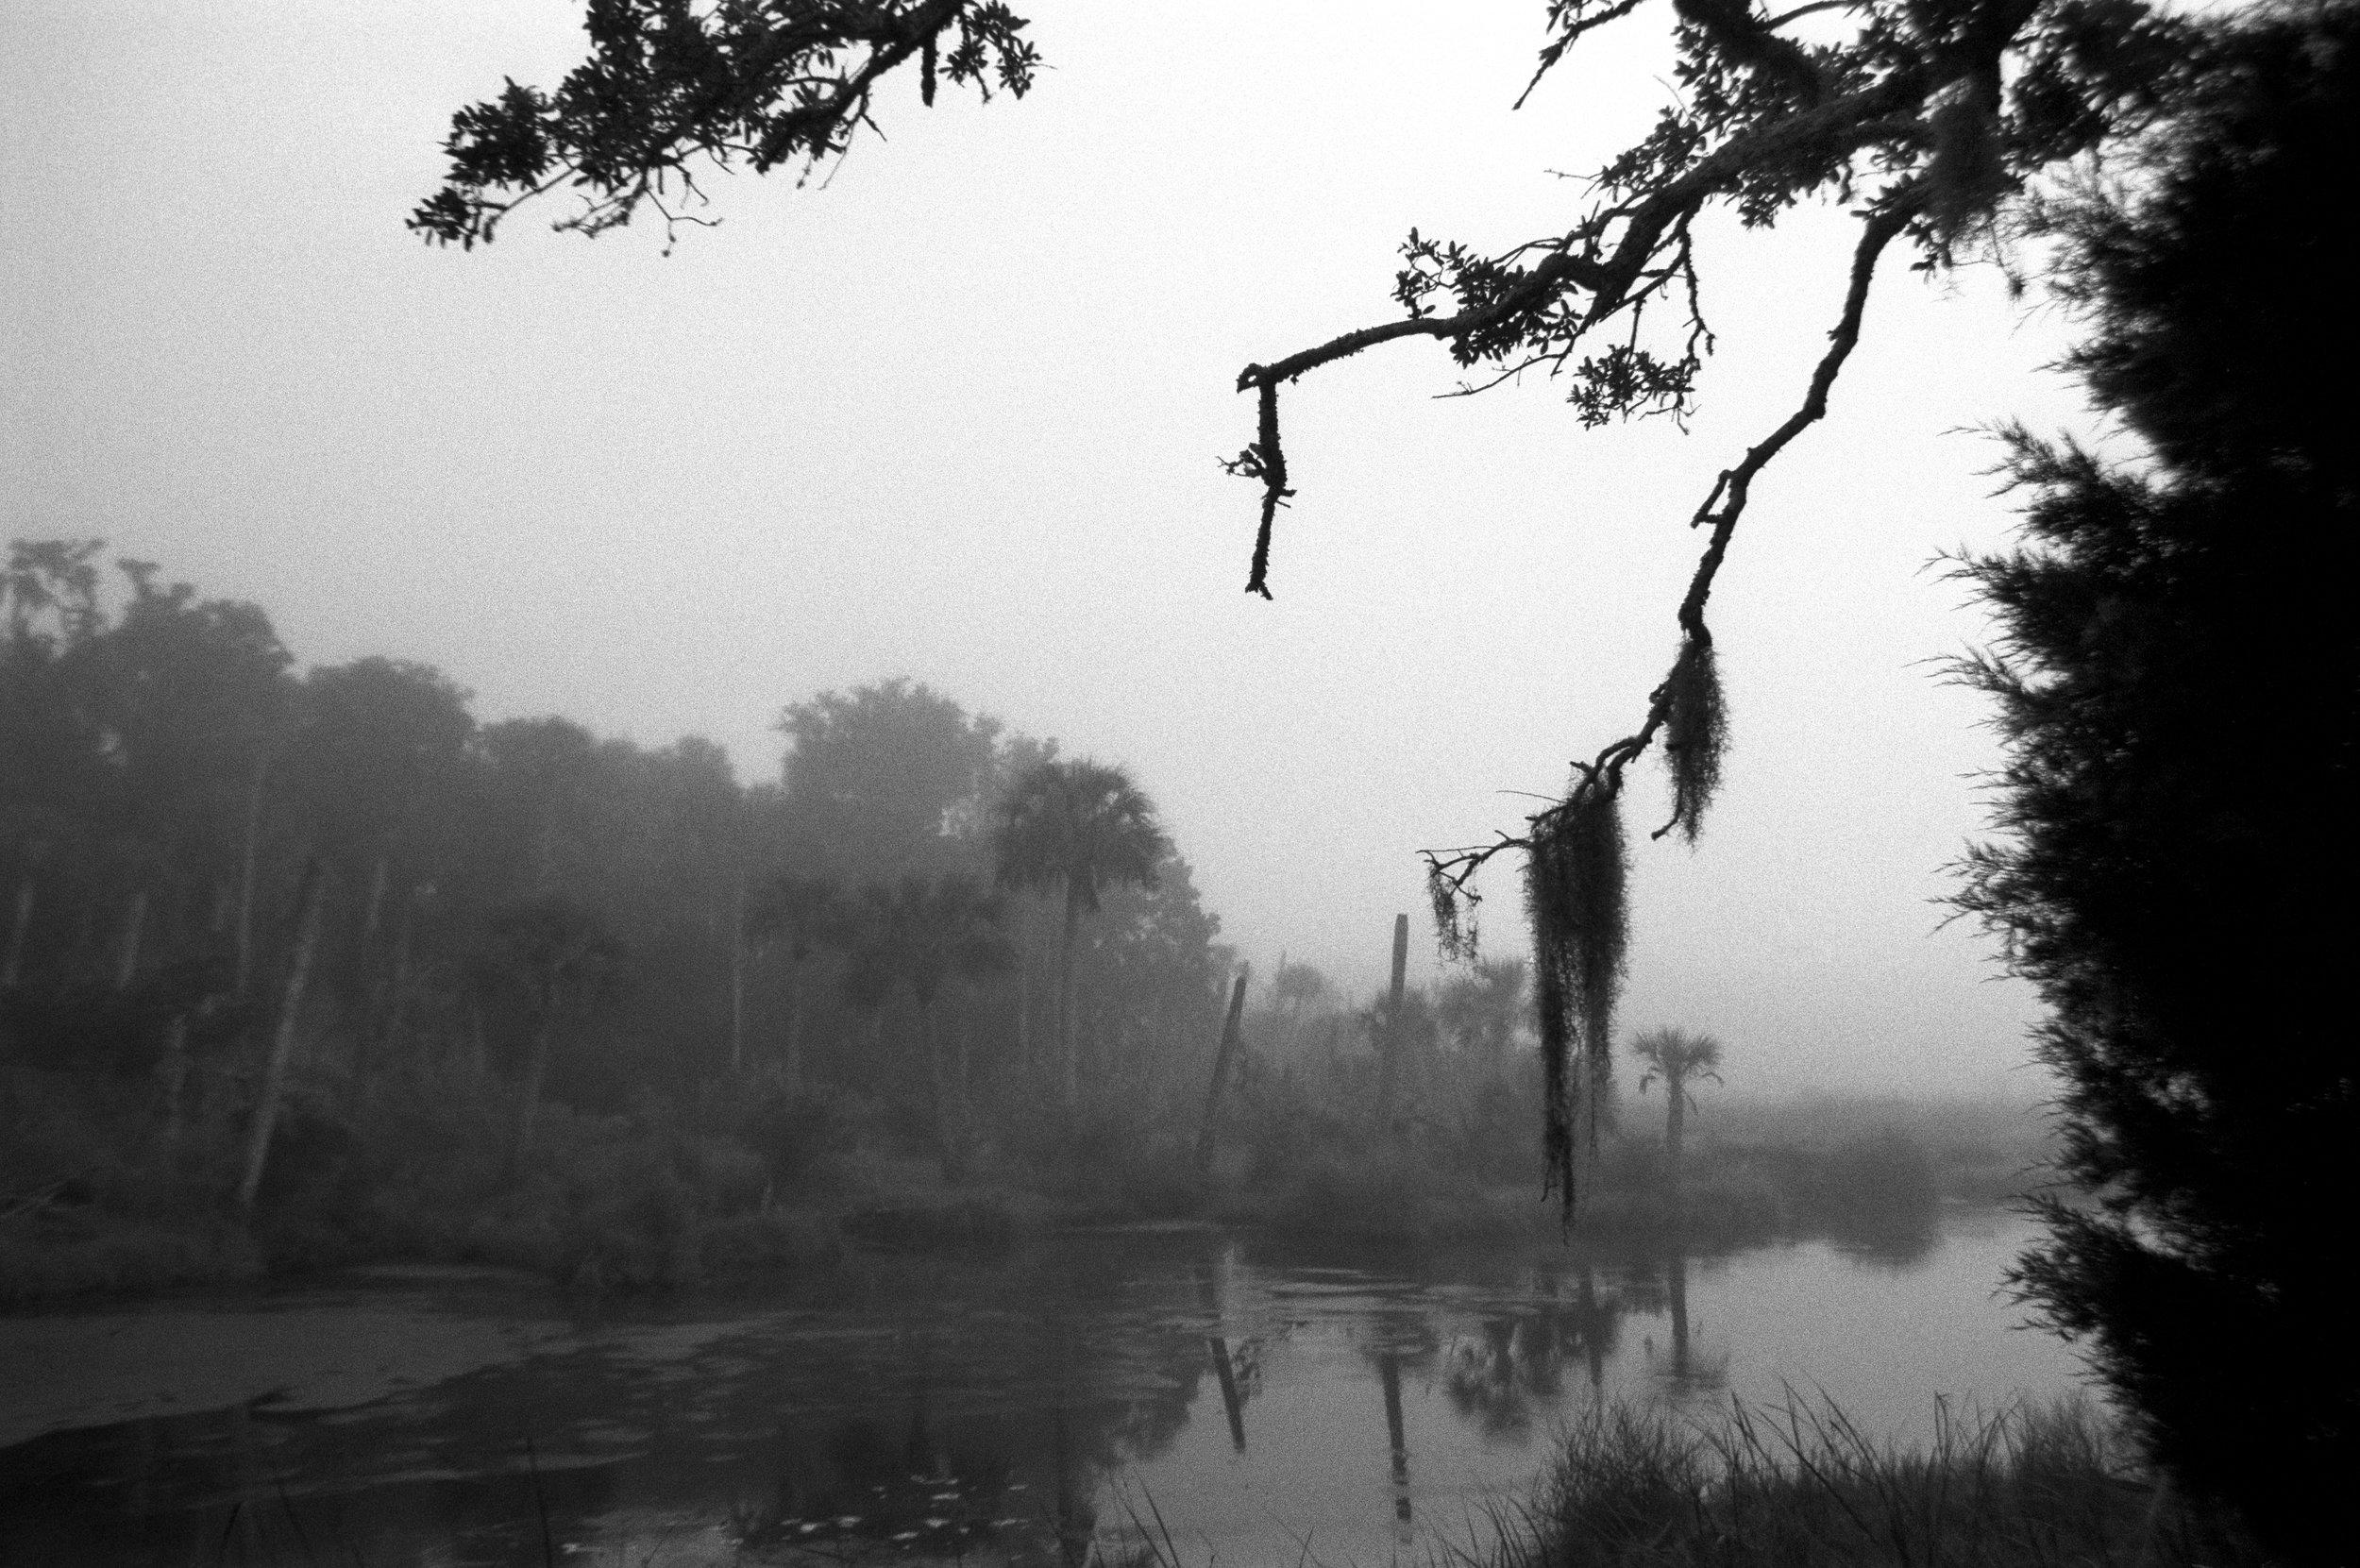 Marshy-fog11_BW.jpg